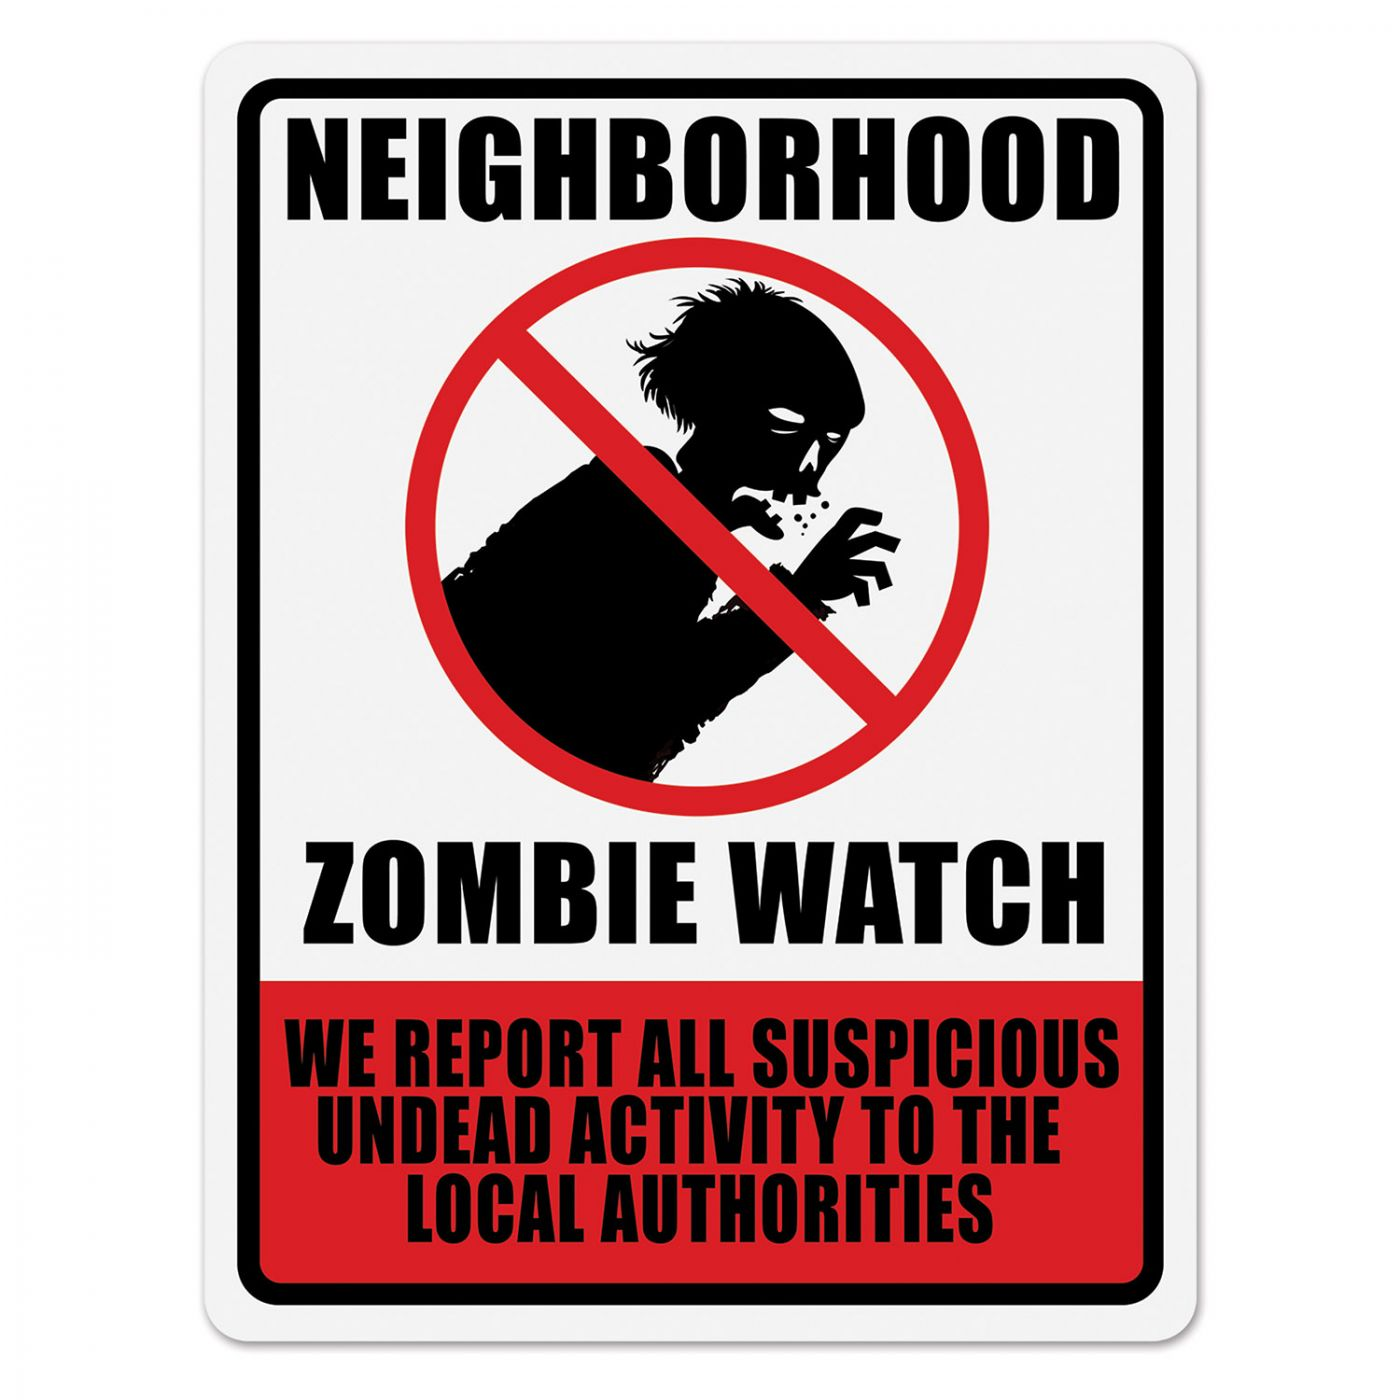 Neighborhood Zombie Watch Sign image